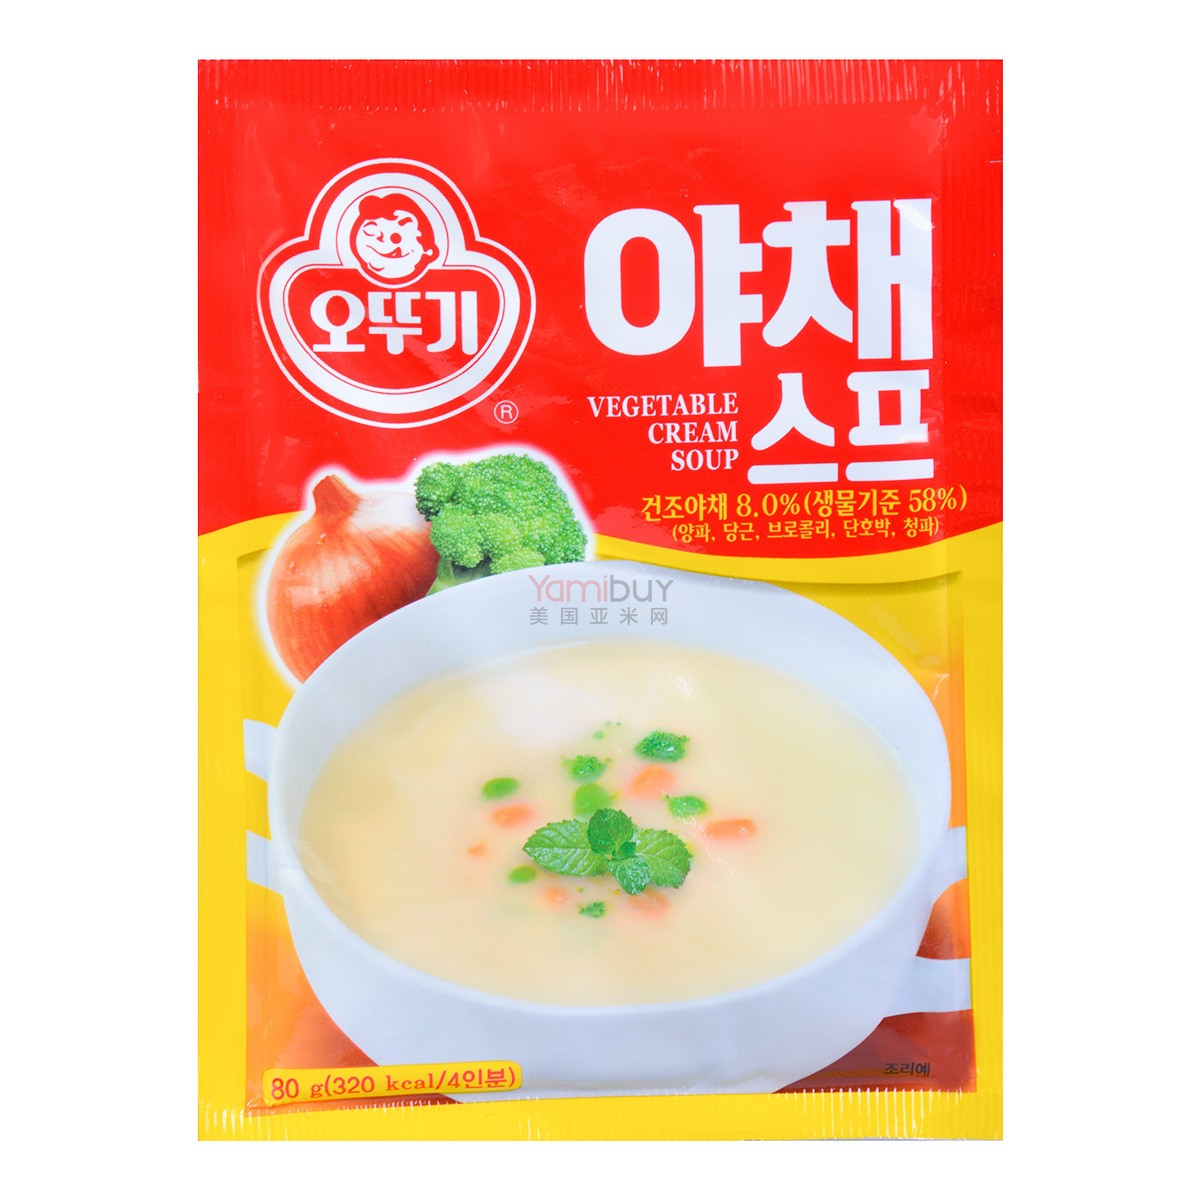 【清仓】韩国OTTOGI不倒翁 速食蔬菜奶油浓汤 80g